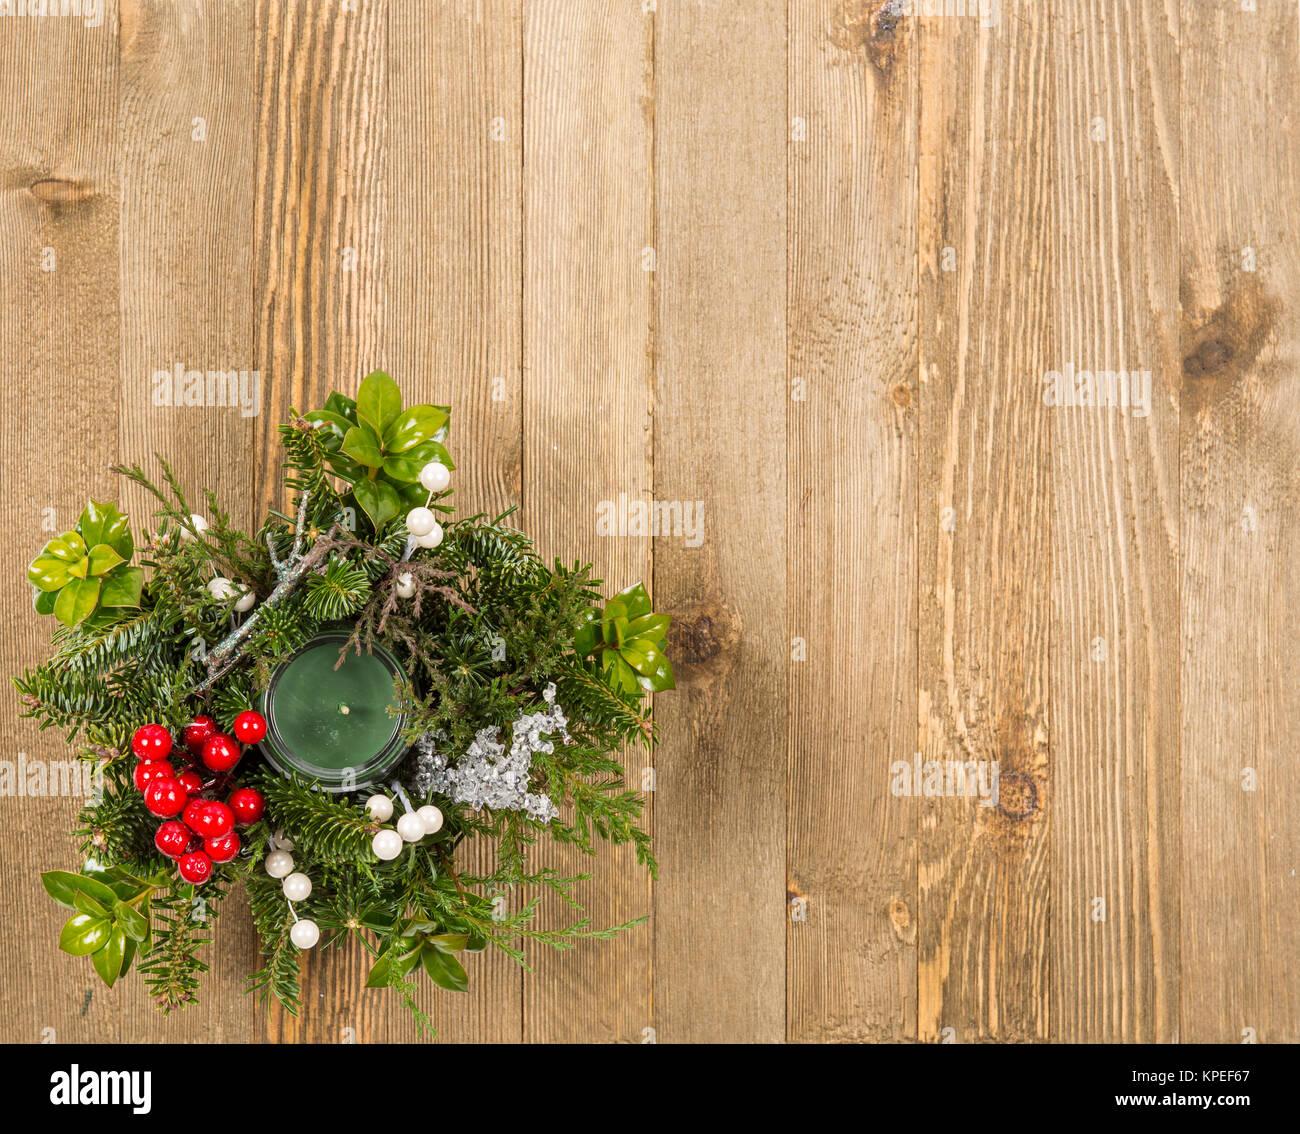 Weihnachten festliche dekoration mit roten kugeln holly for Baum mit roten beeren